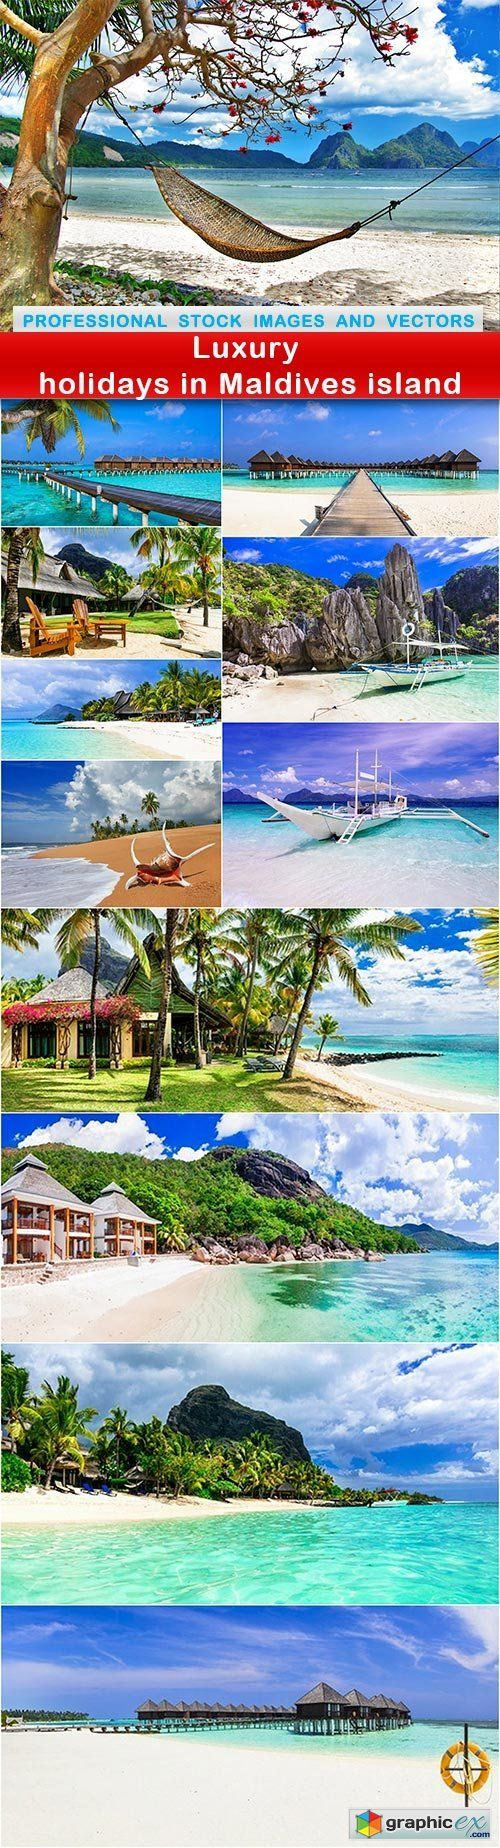 Luxury holidays in Maldives island  12 UHQ JPEG  stock images